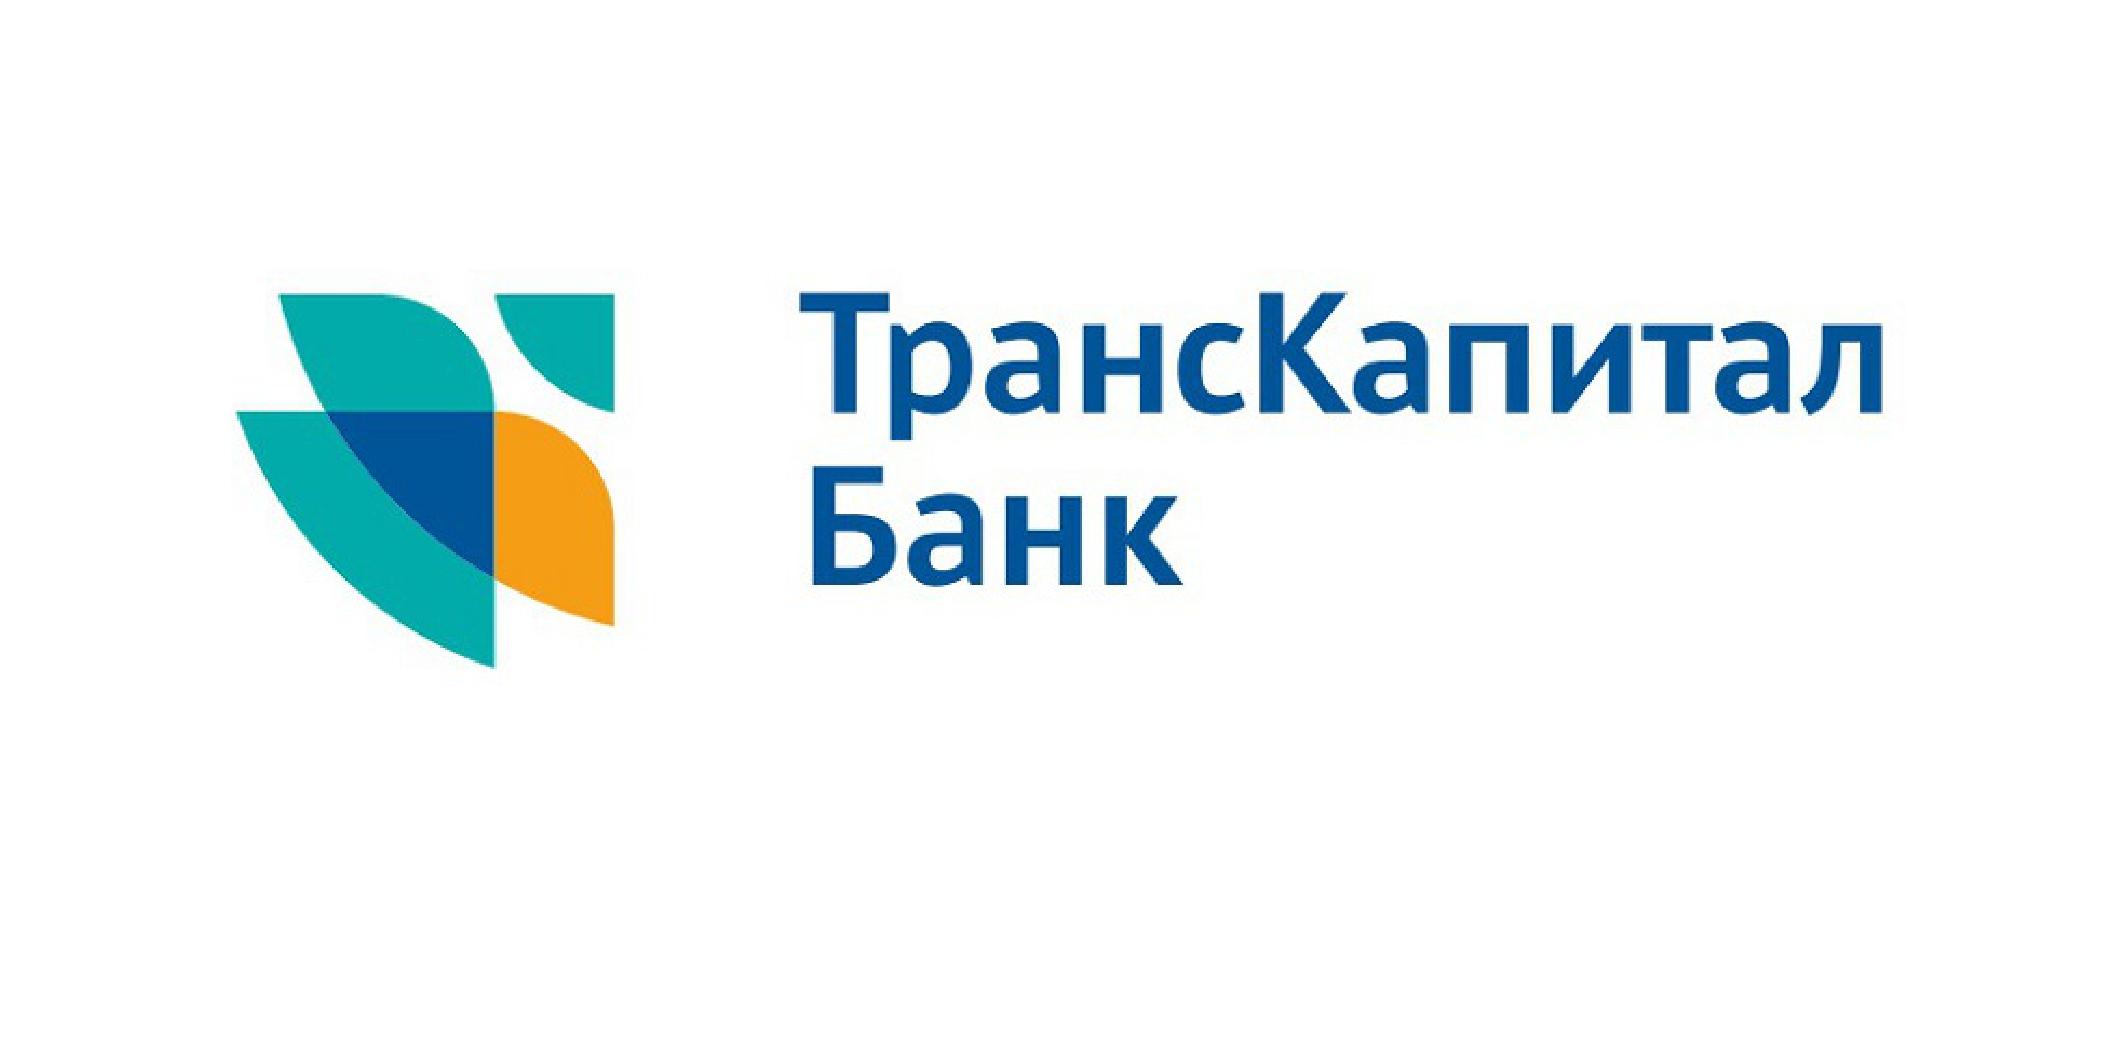 Официальный партнер ТрансКапитал Банк